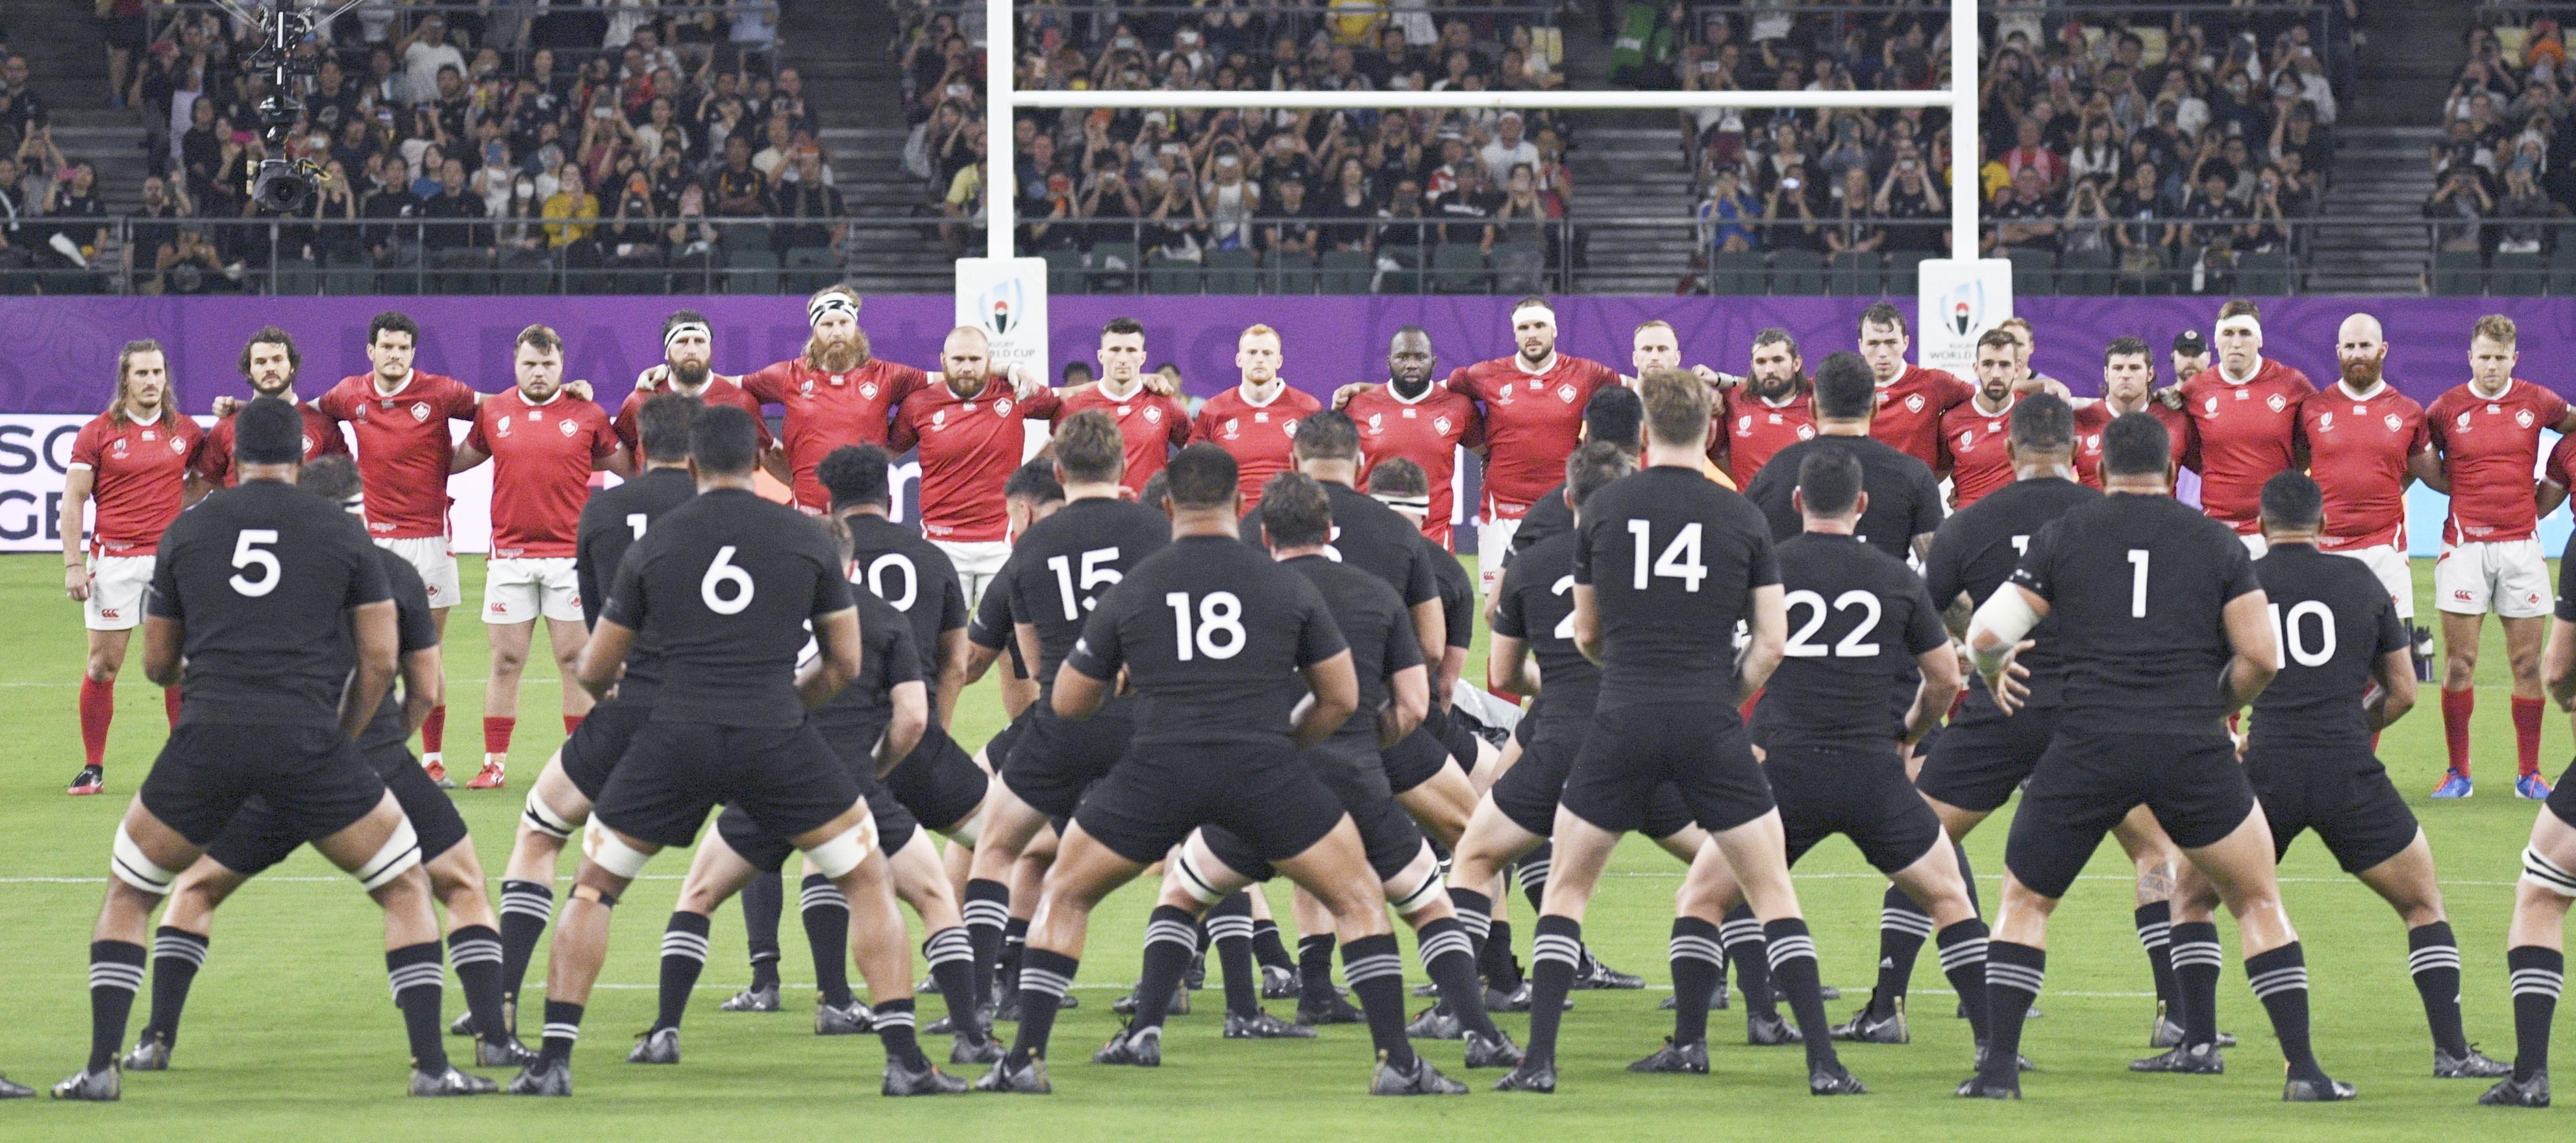 Rugby Wm In Japan Das Steckt Hinter Dem Grossten Sport Event